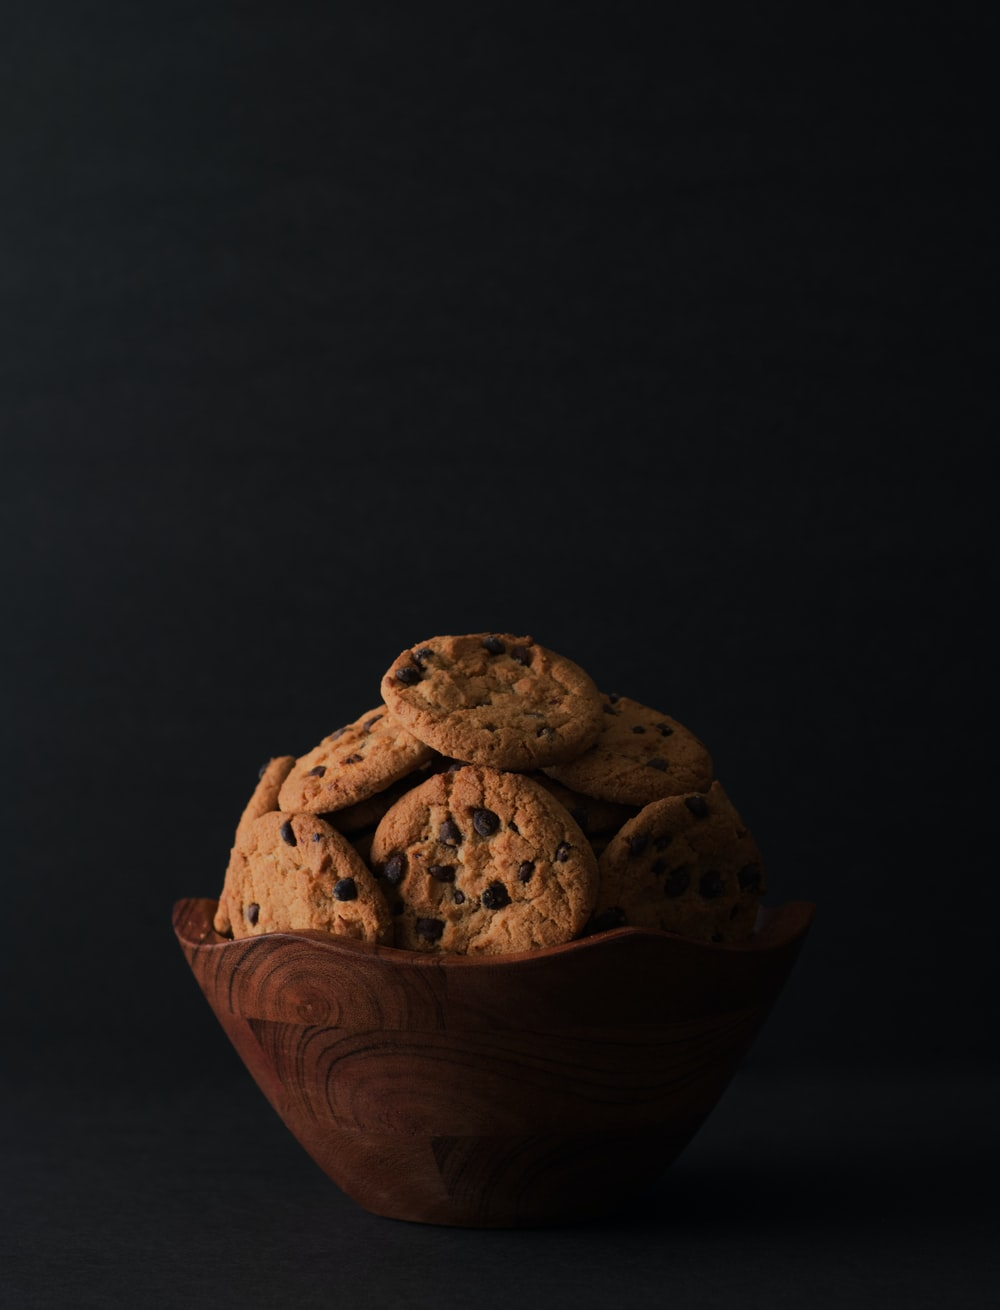 brown cookies in brown wooden bowl